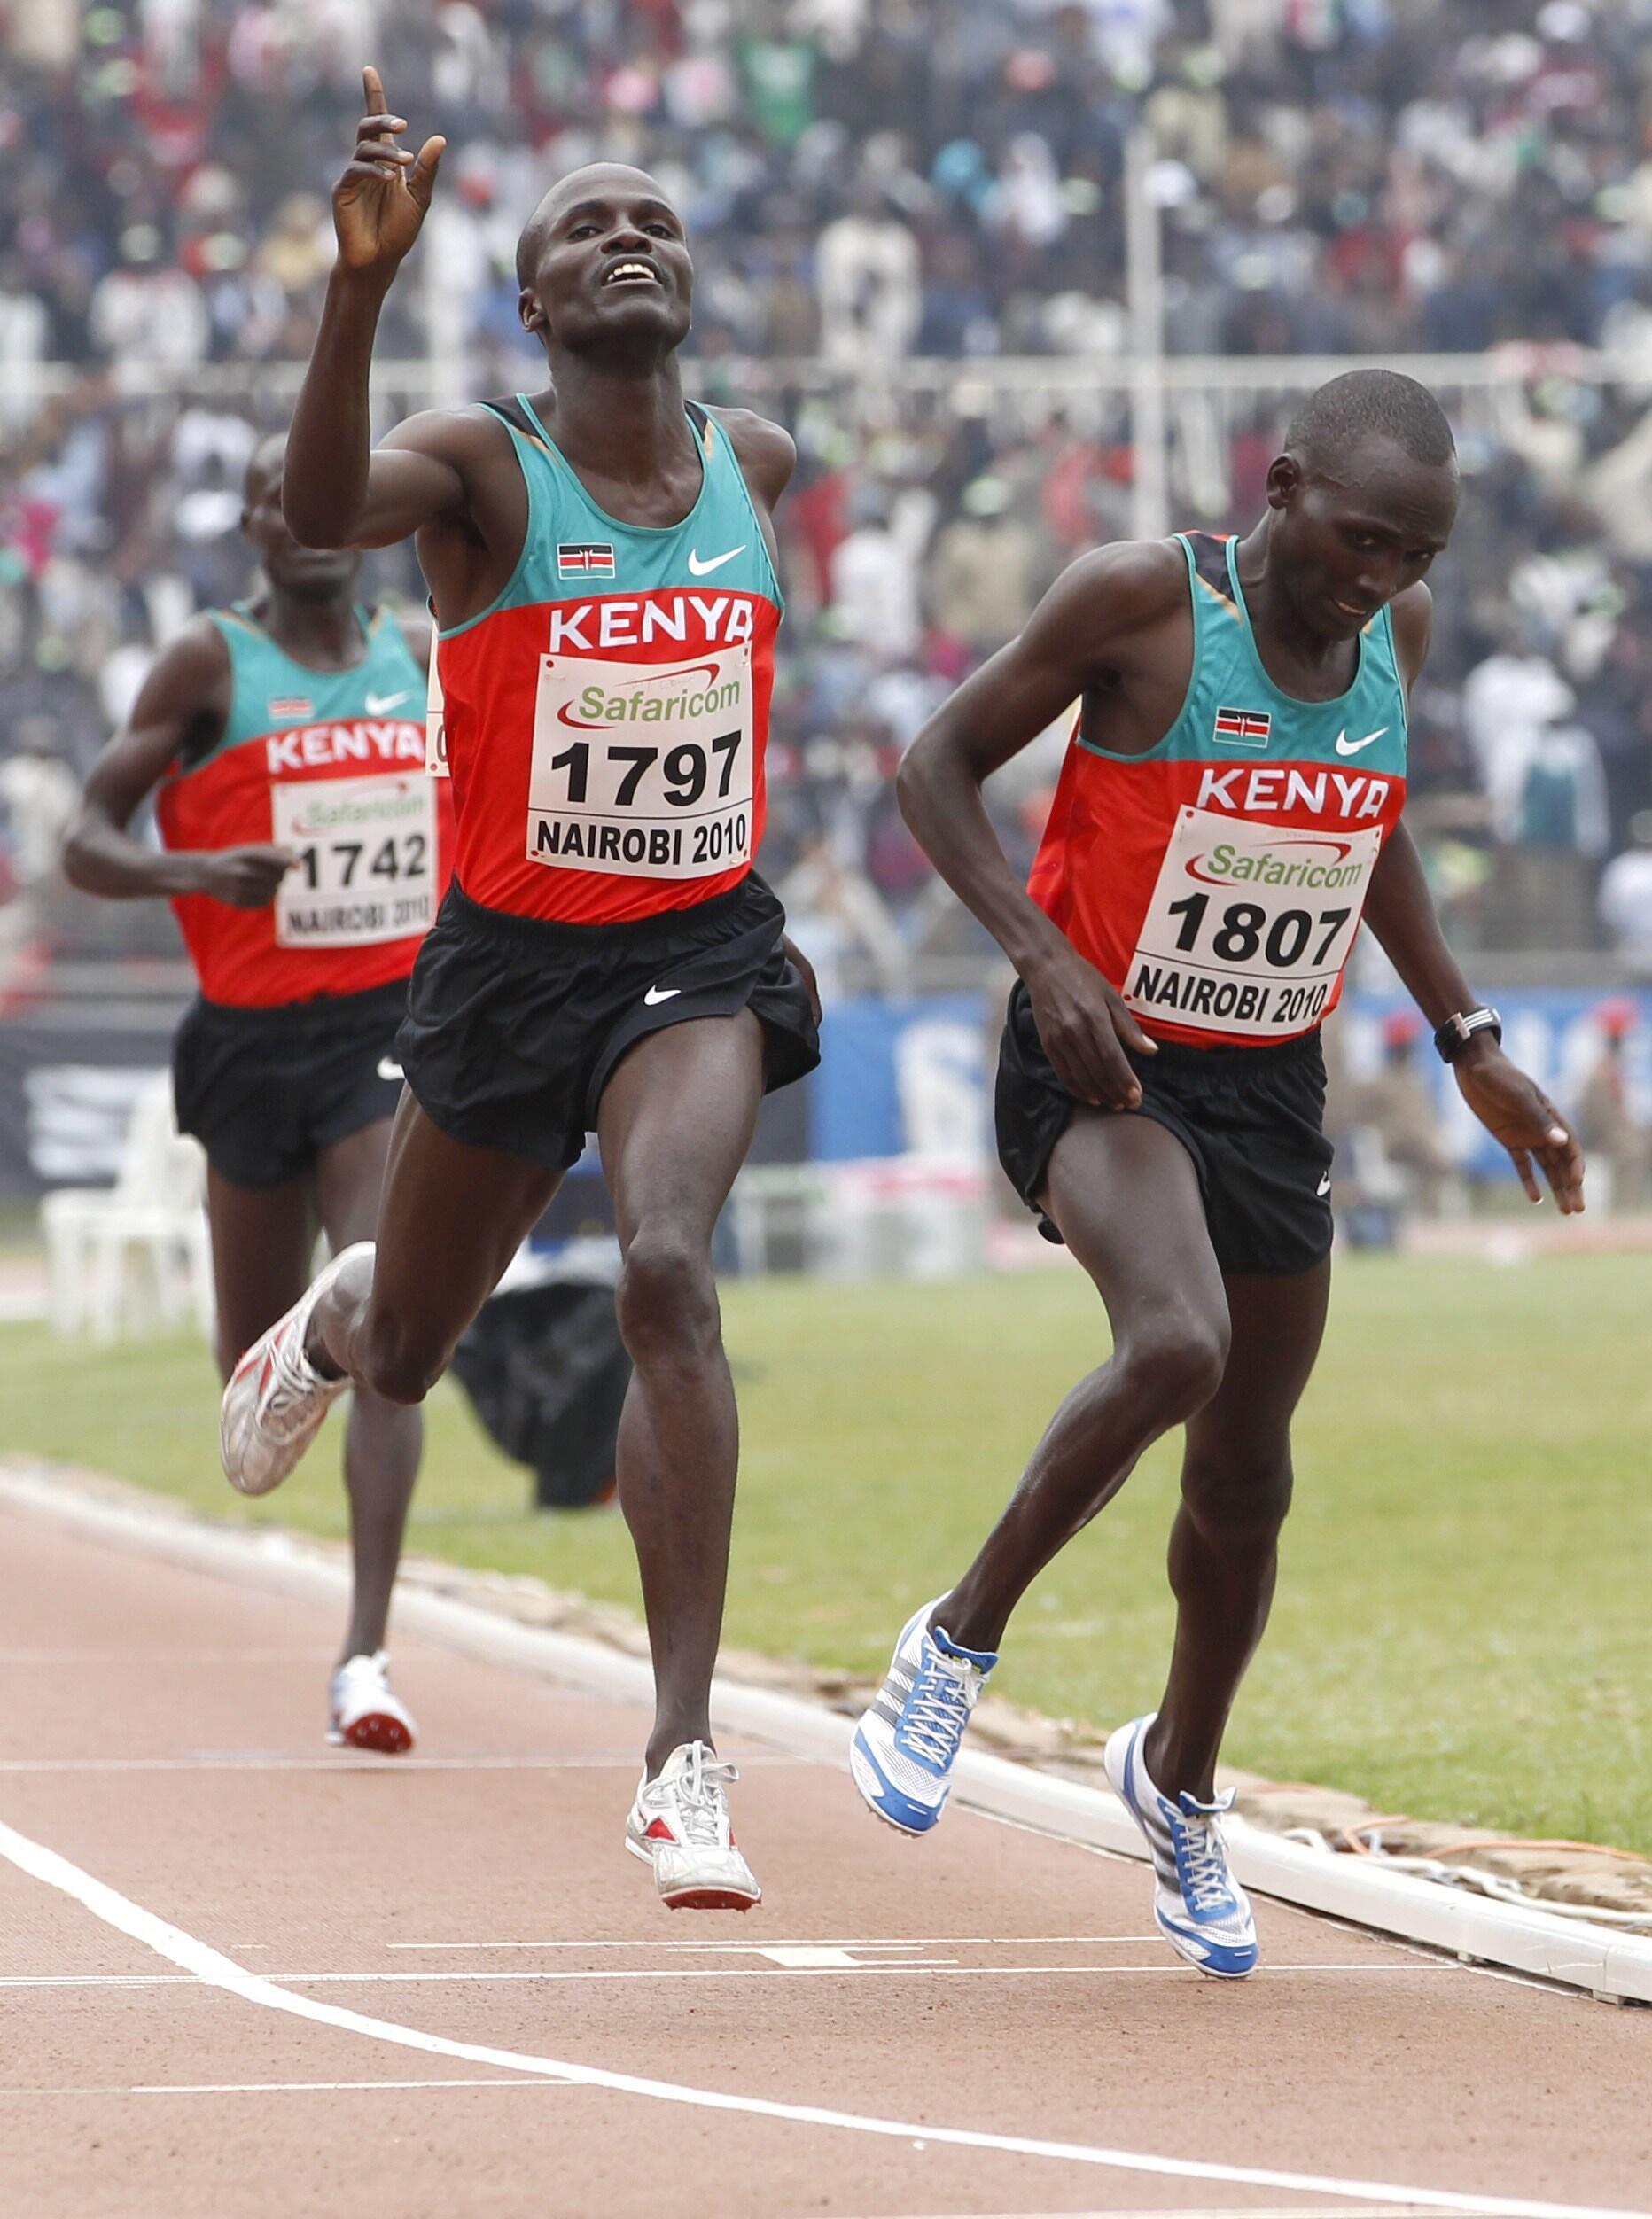 Raia watatu wa Kenya katika mashindano ya mabingwa wa Afrika wa Riadha mwaka 2010.